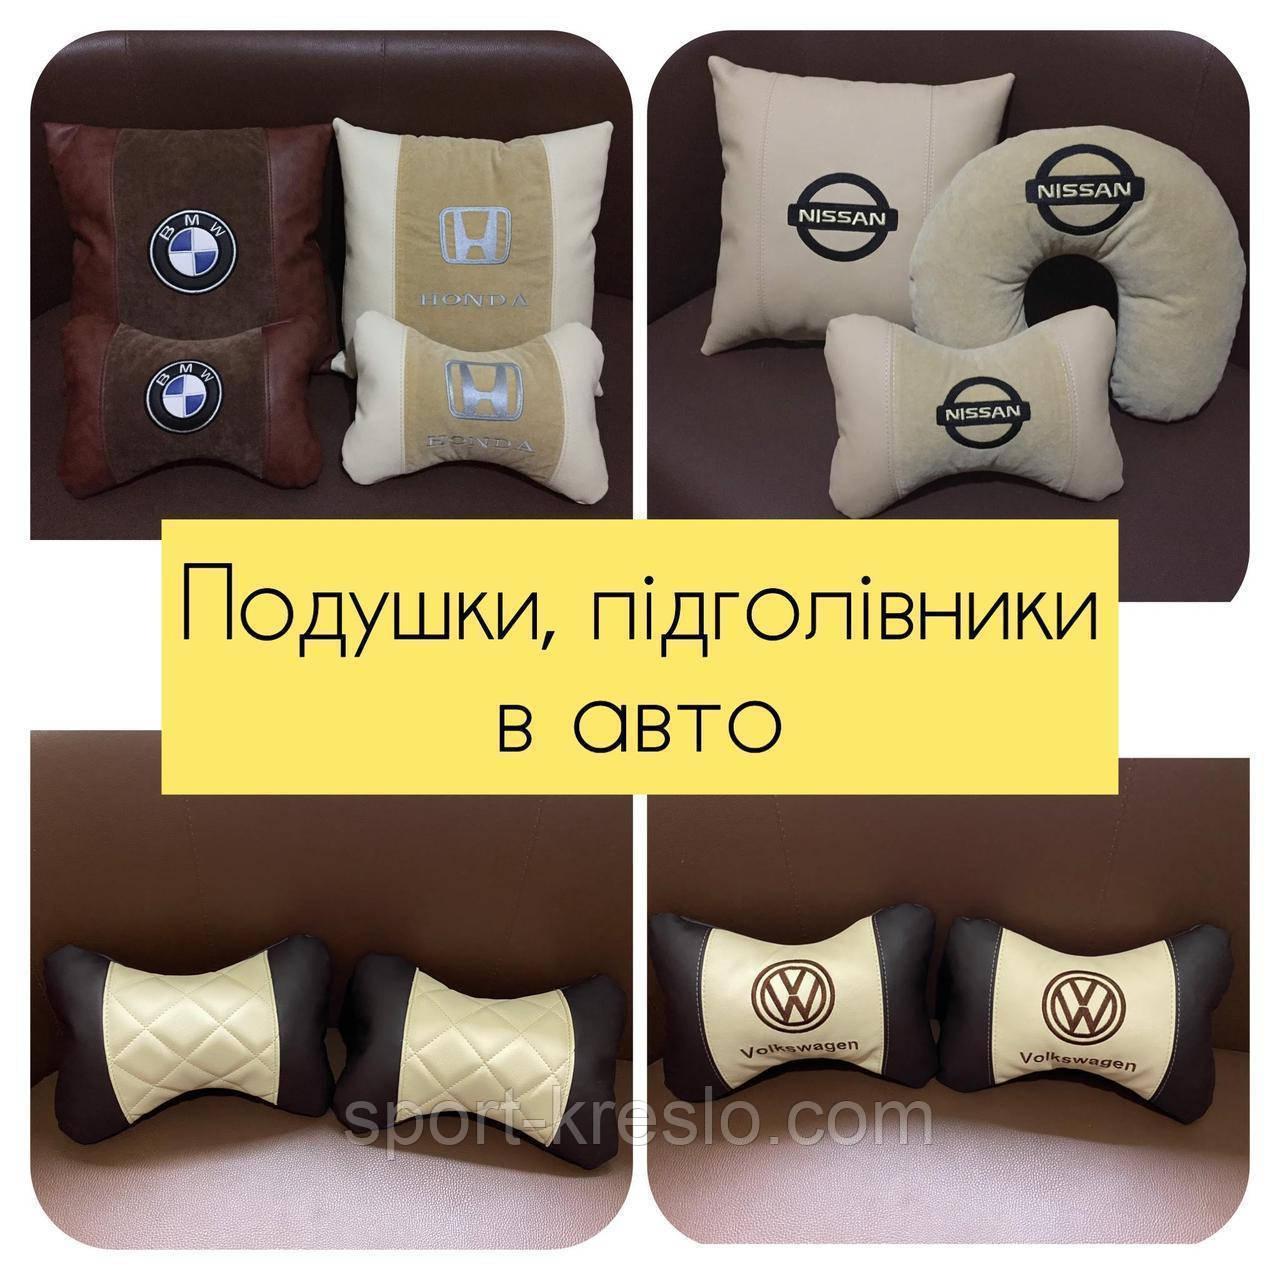 Подушки с логотипом в салон авто, госномером, подушка бабочка на подголовник, автоаксессуары